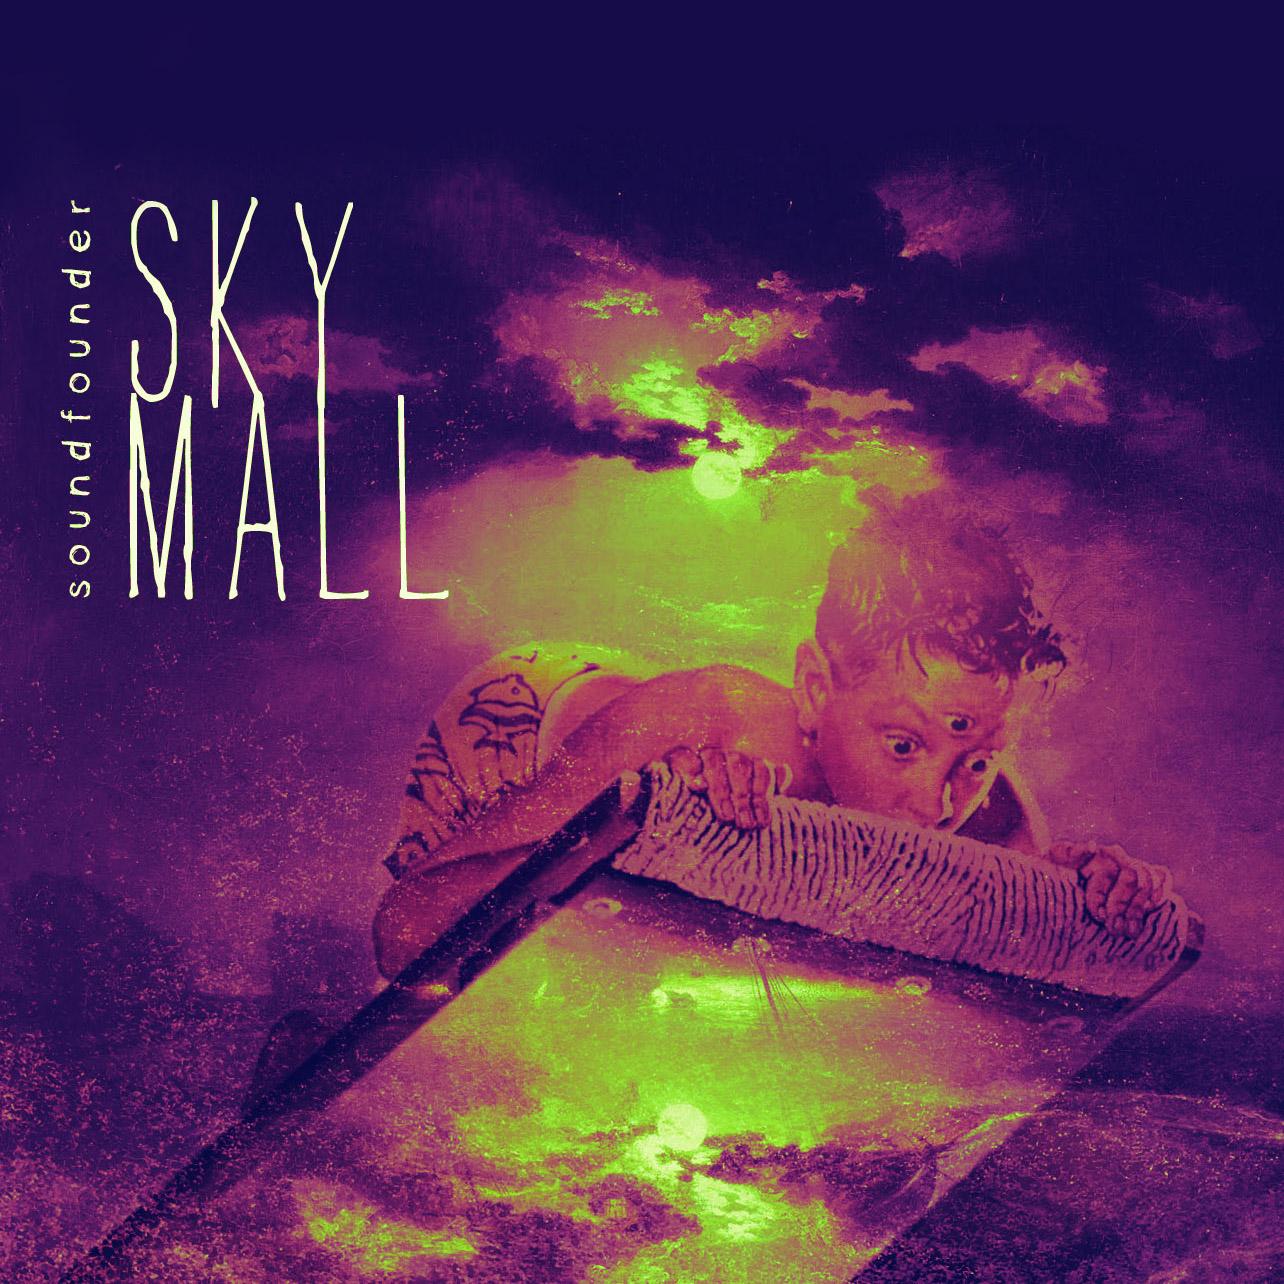 soundfounder sky mall.JPG